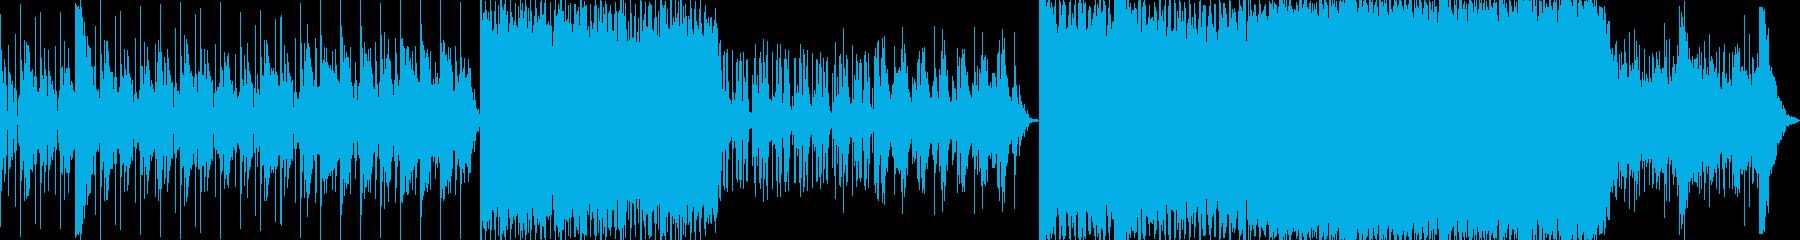 スケールの壮大なハリウッド映画系BGMの再生済みの波形